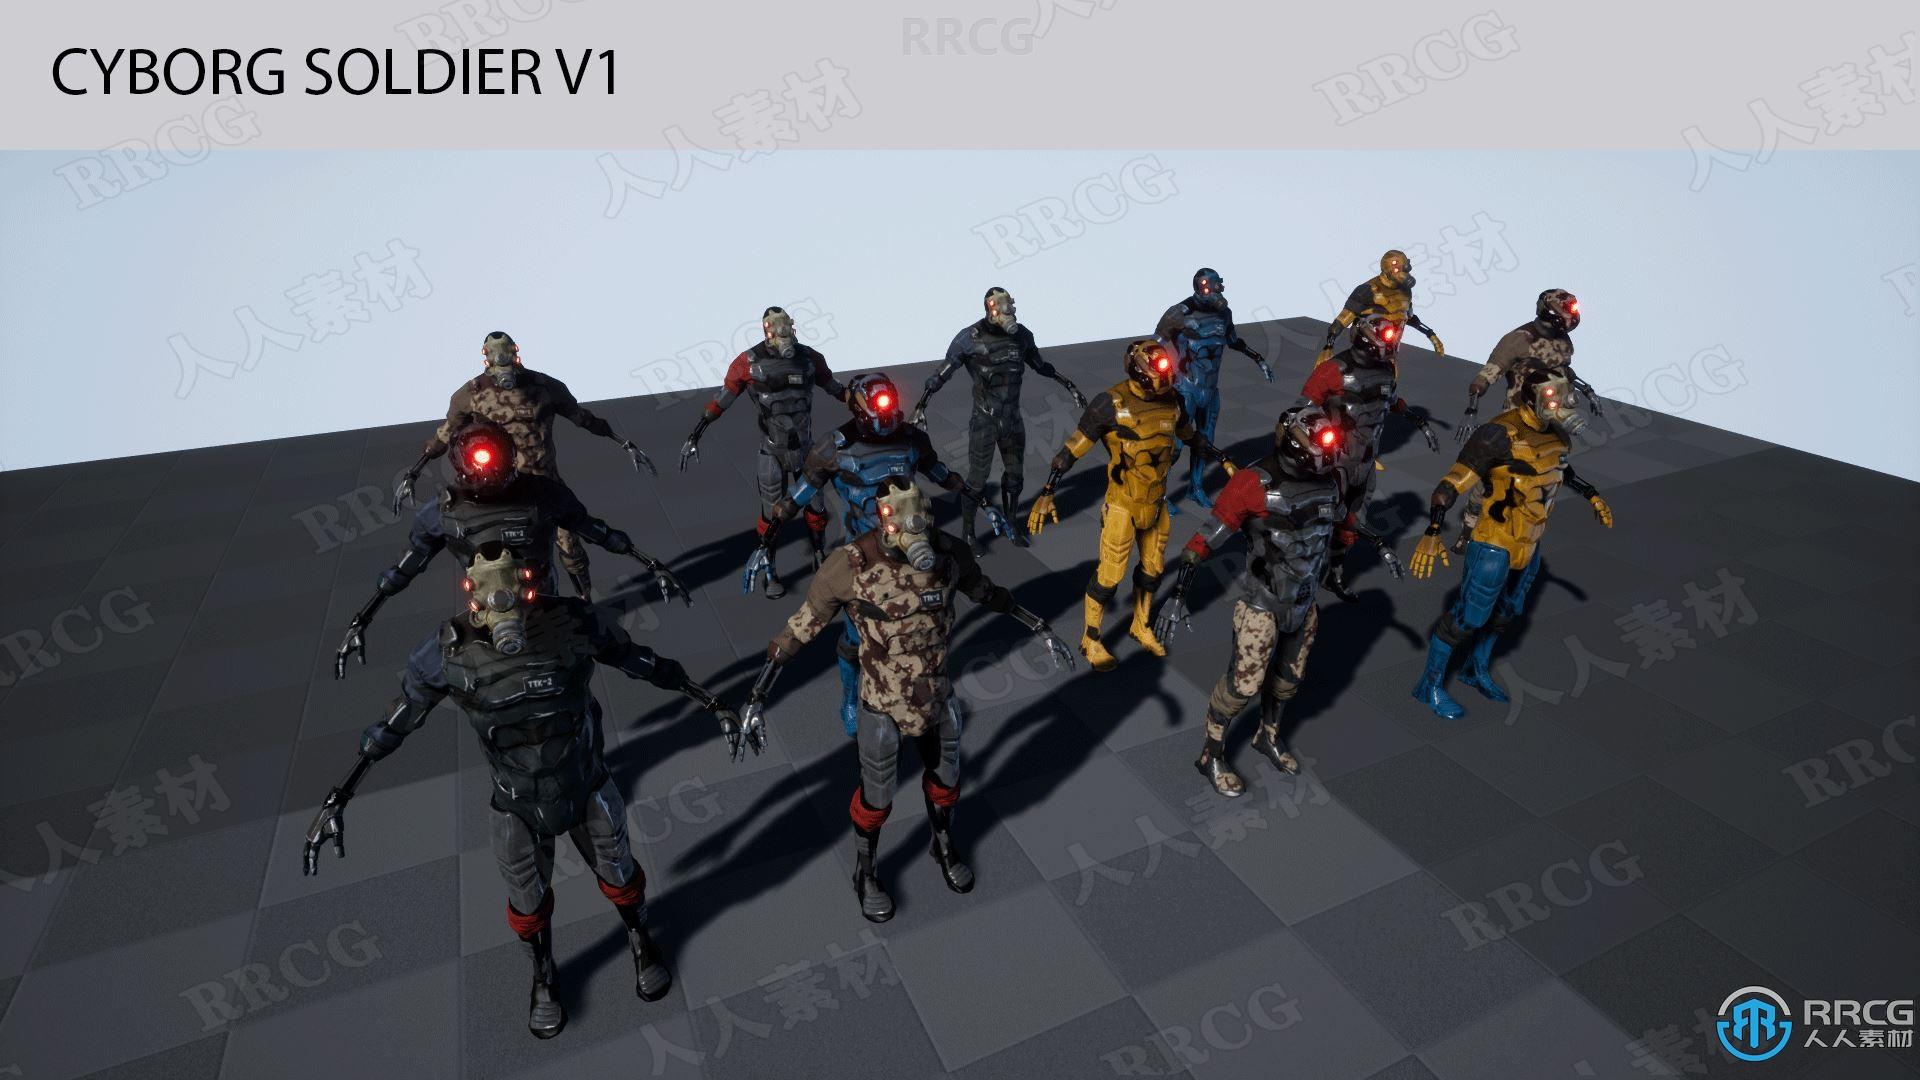 2个不同设计钢铁科幻战斗角色Unreal Engine游戏素材资源